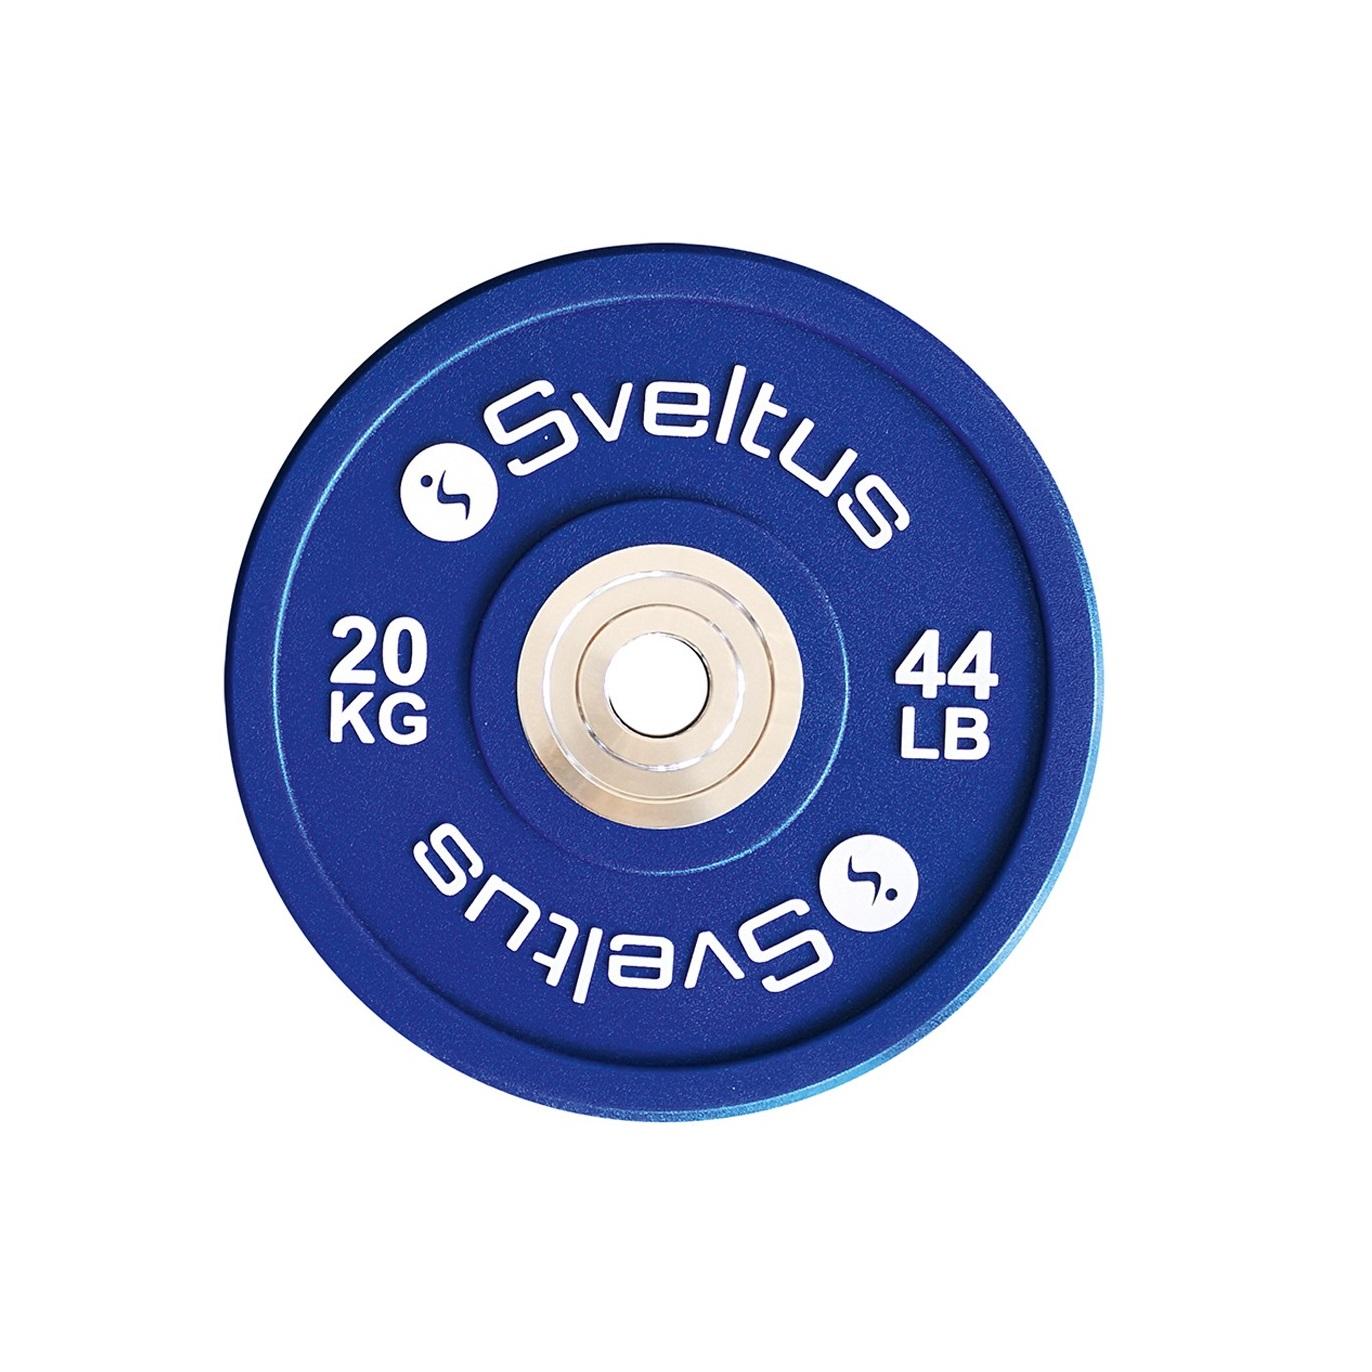 Sveltus Disque olympique compétition - 20 kg